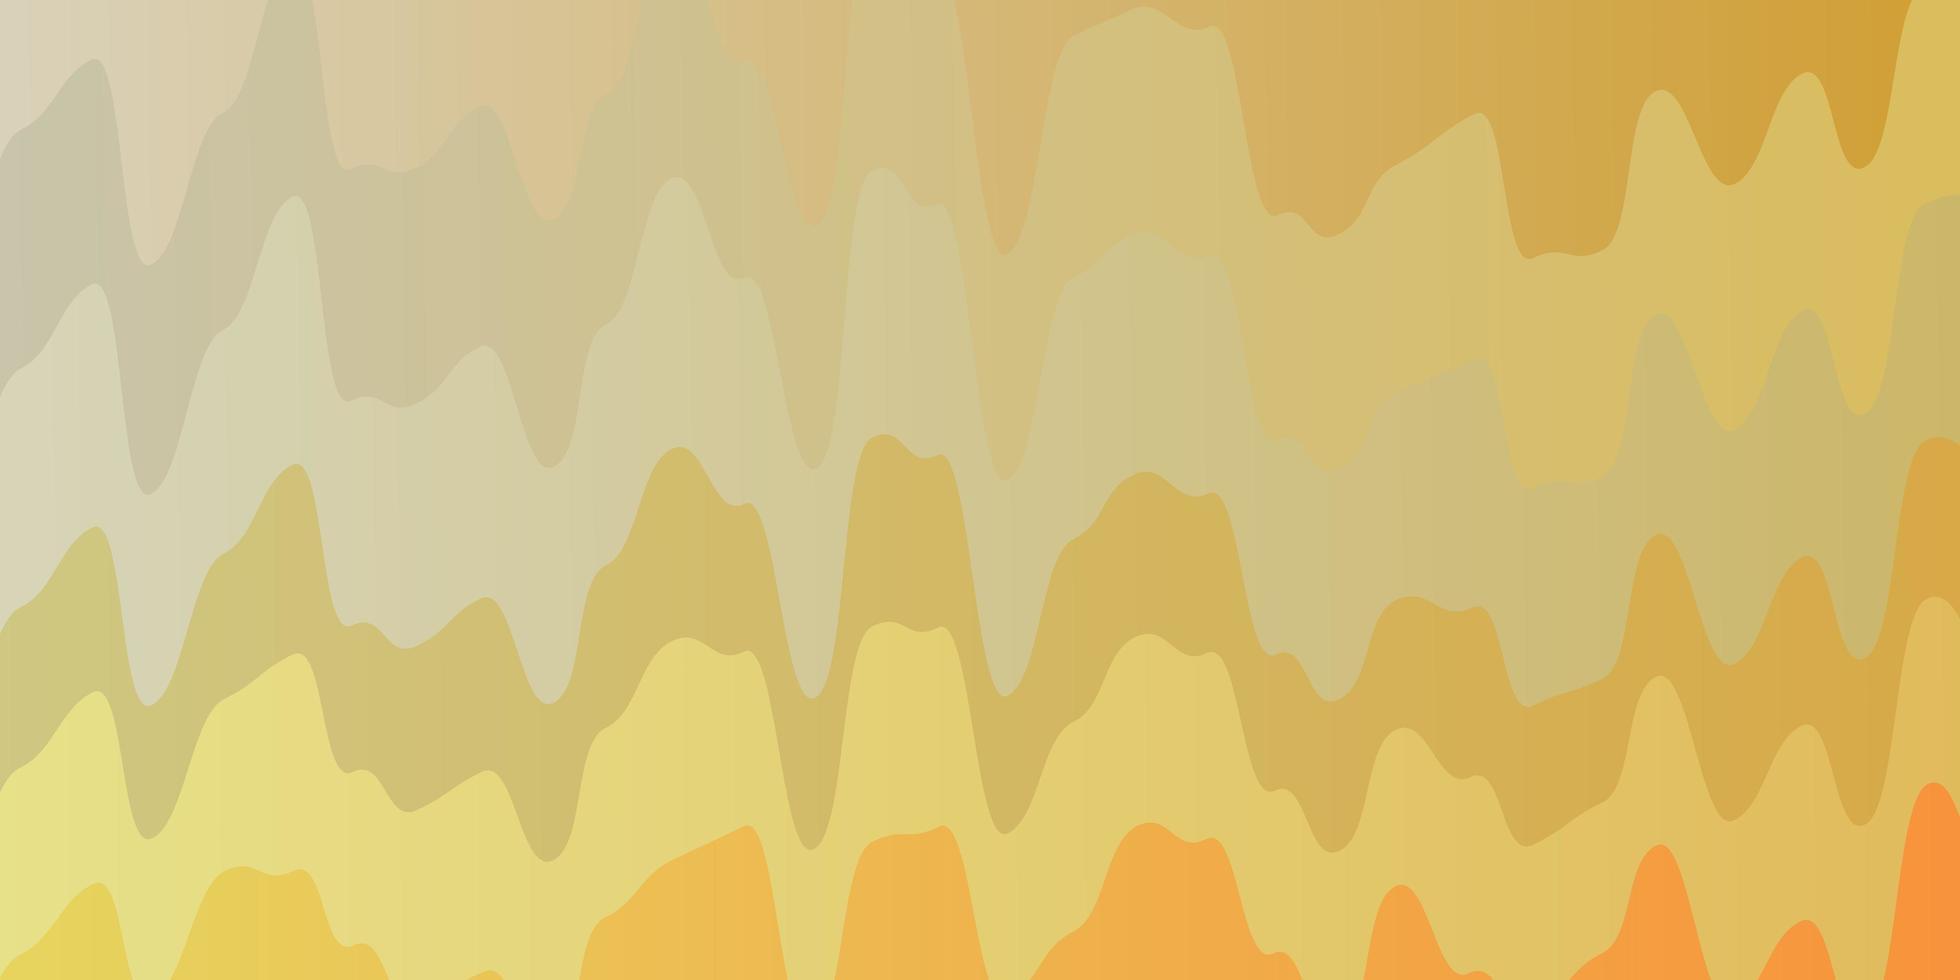 lichtrode, gele vectorlay-out met curven. vector